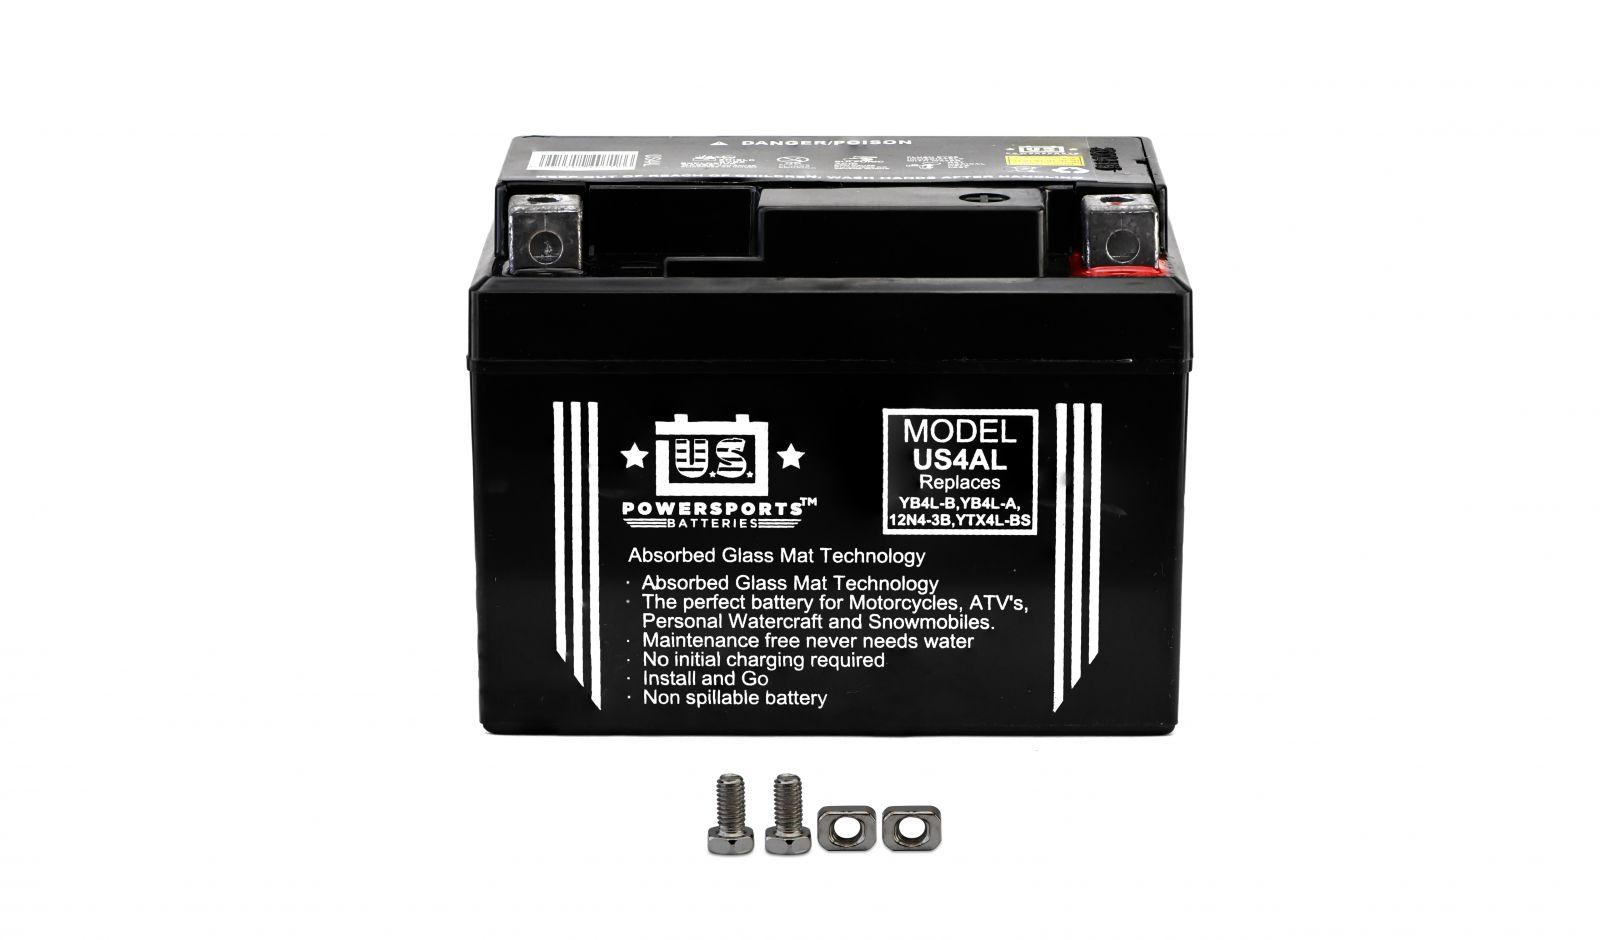 us powersports sealed battery - 501045U image